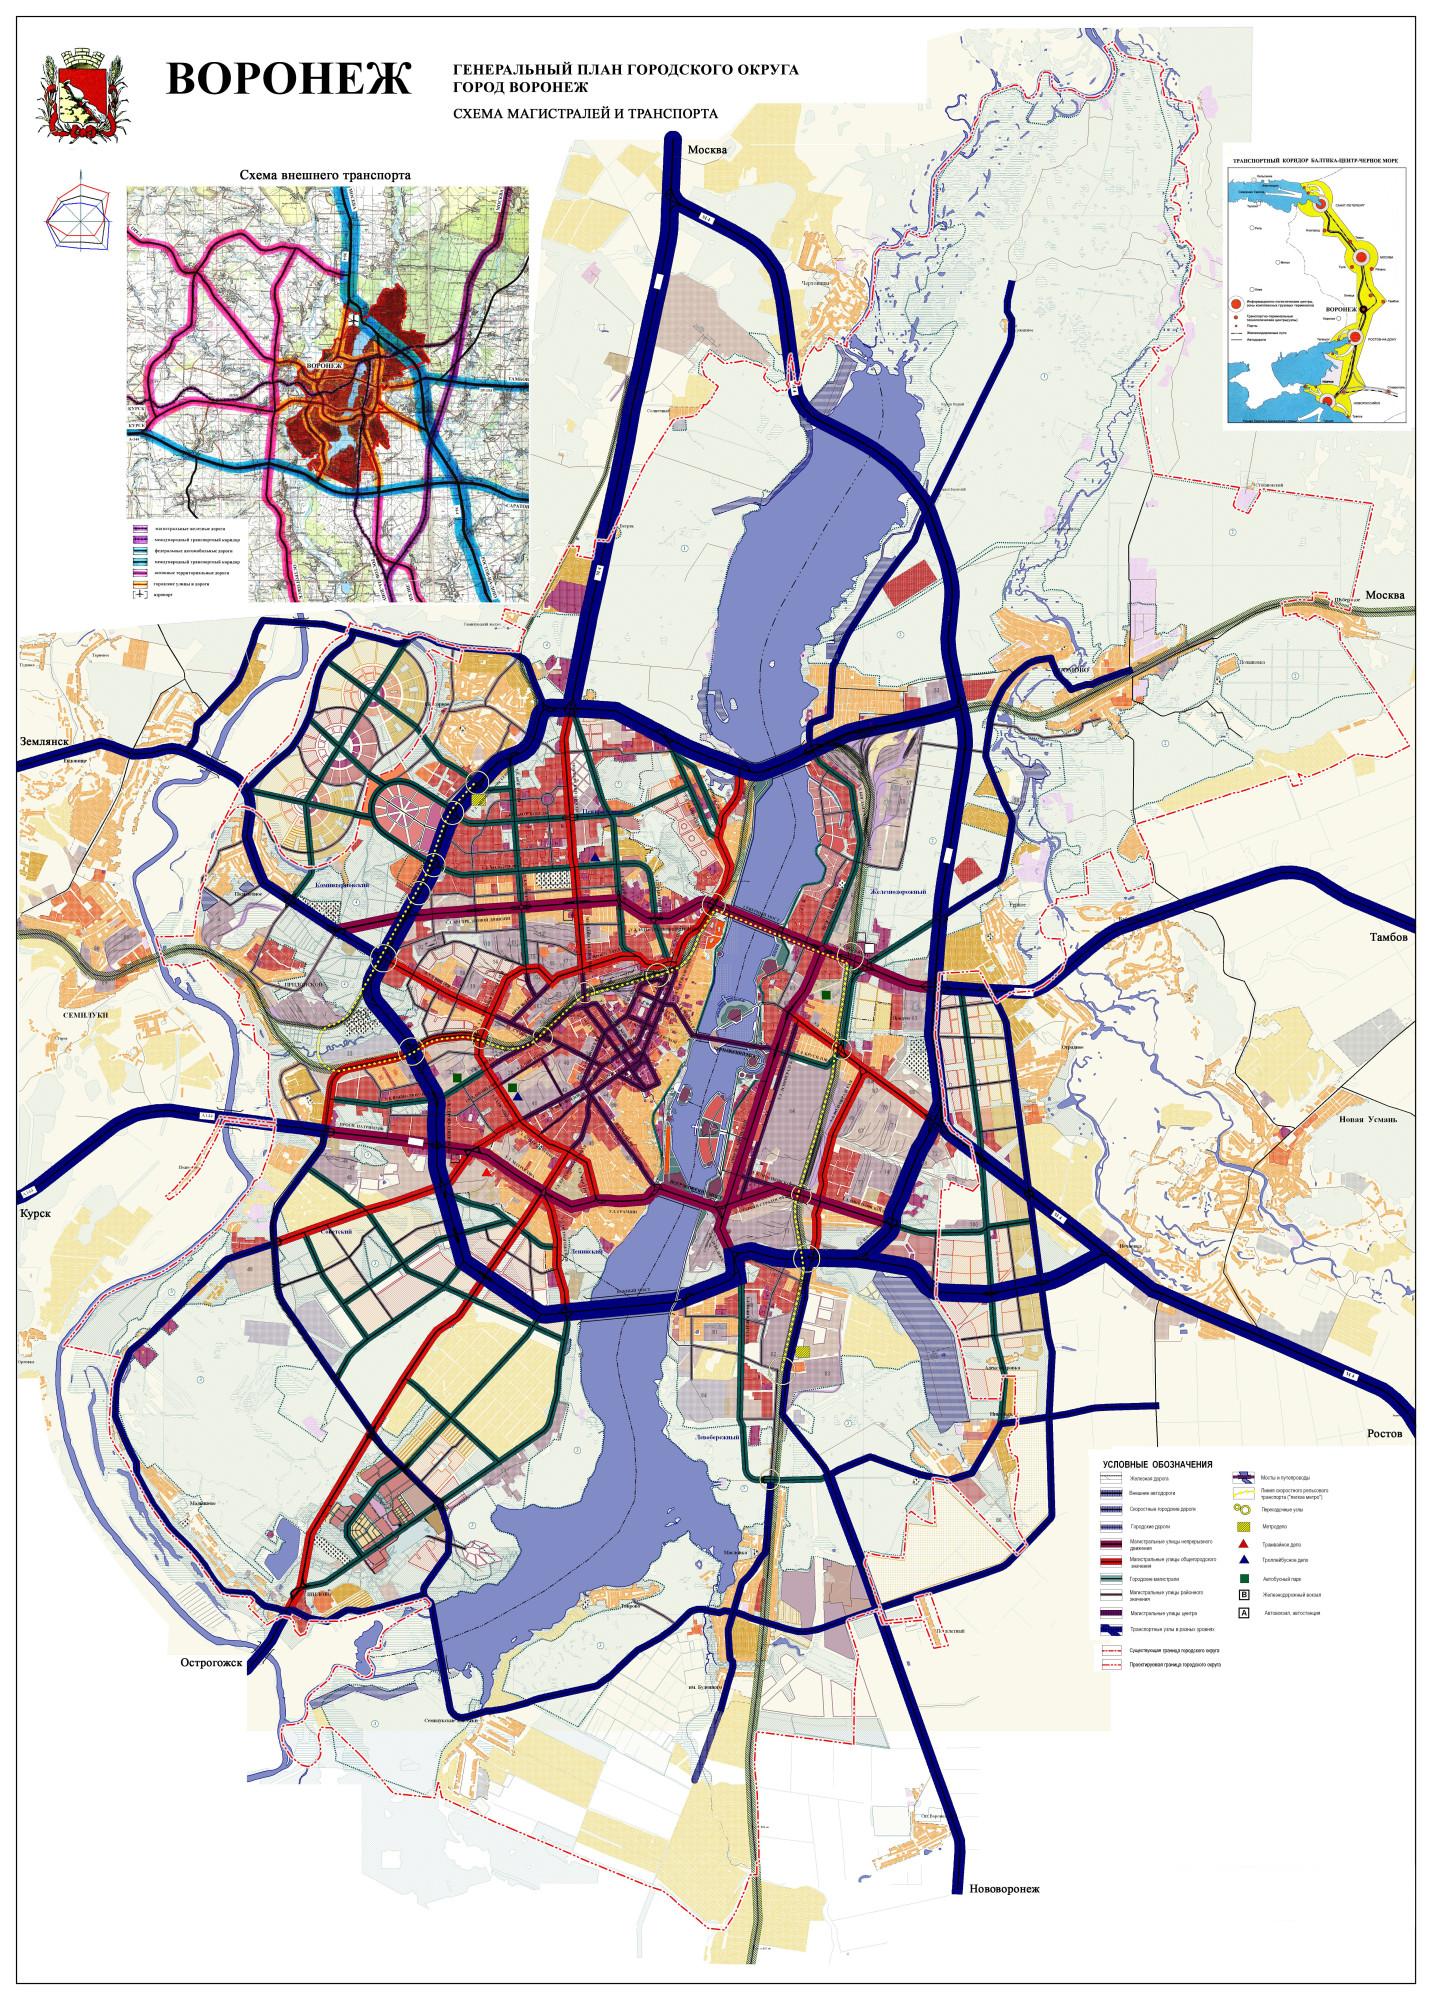 генеральный план 2008 года